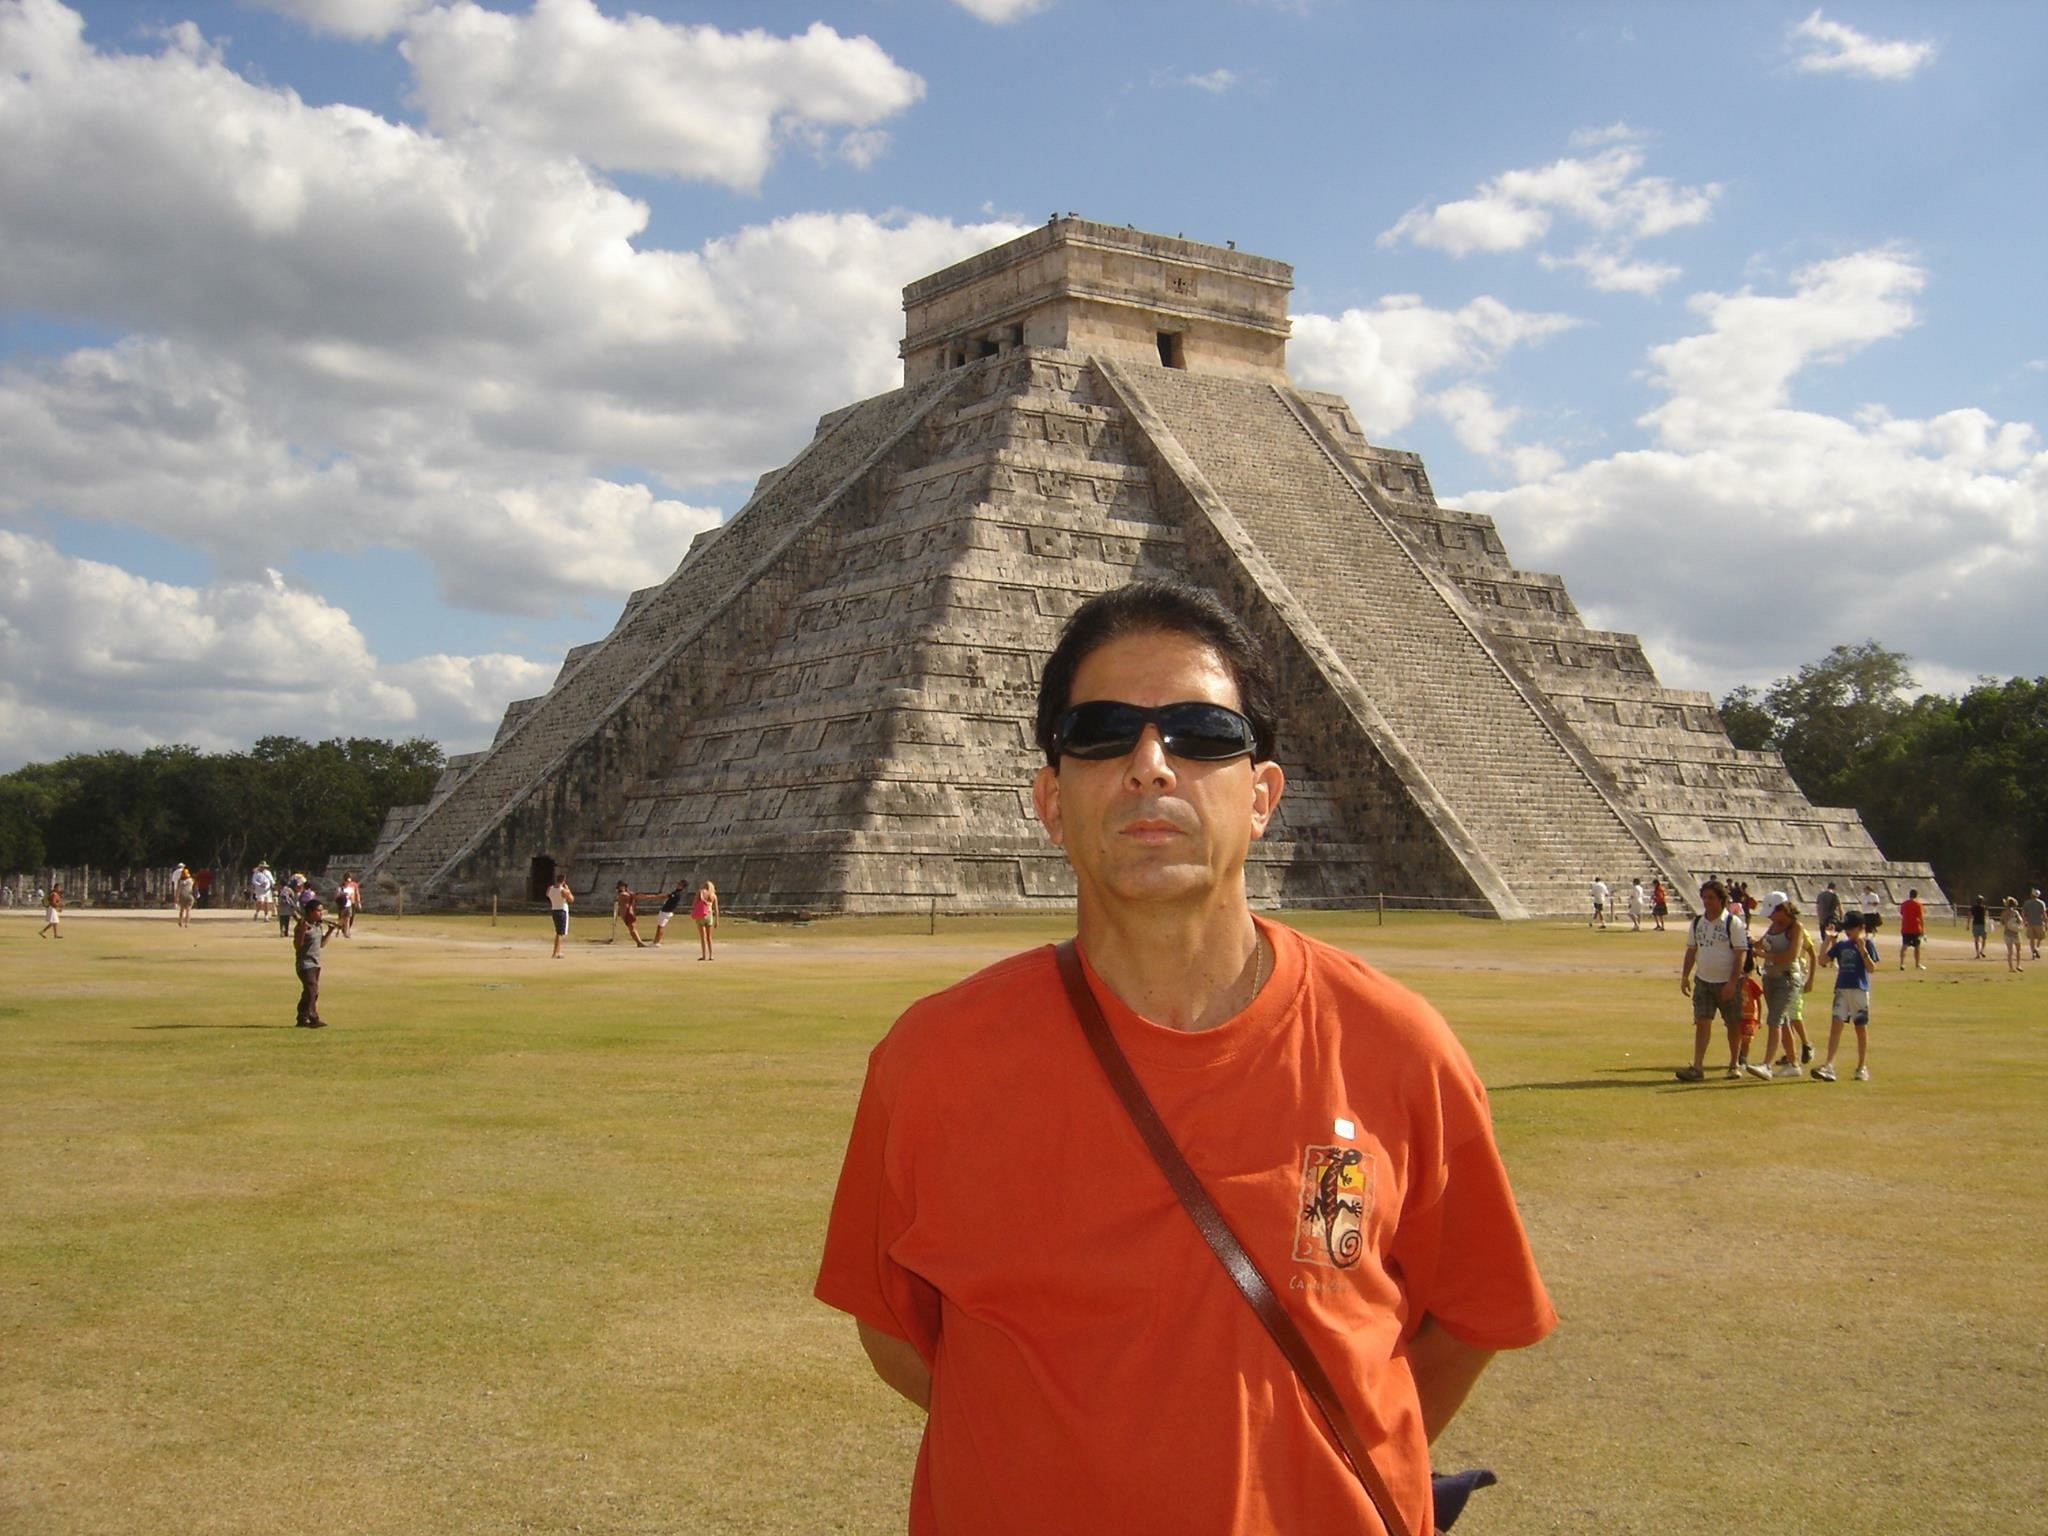 Alvaro cuartas podría ser el nuevo Secretario de Cultura de Ibagué